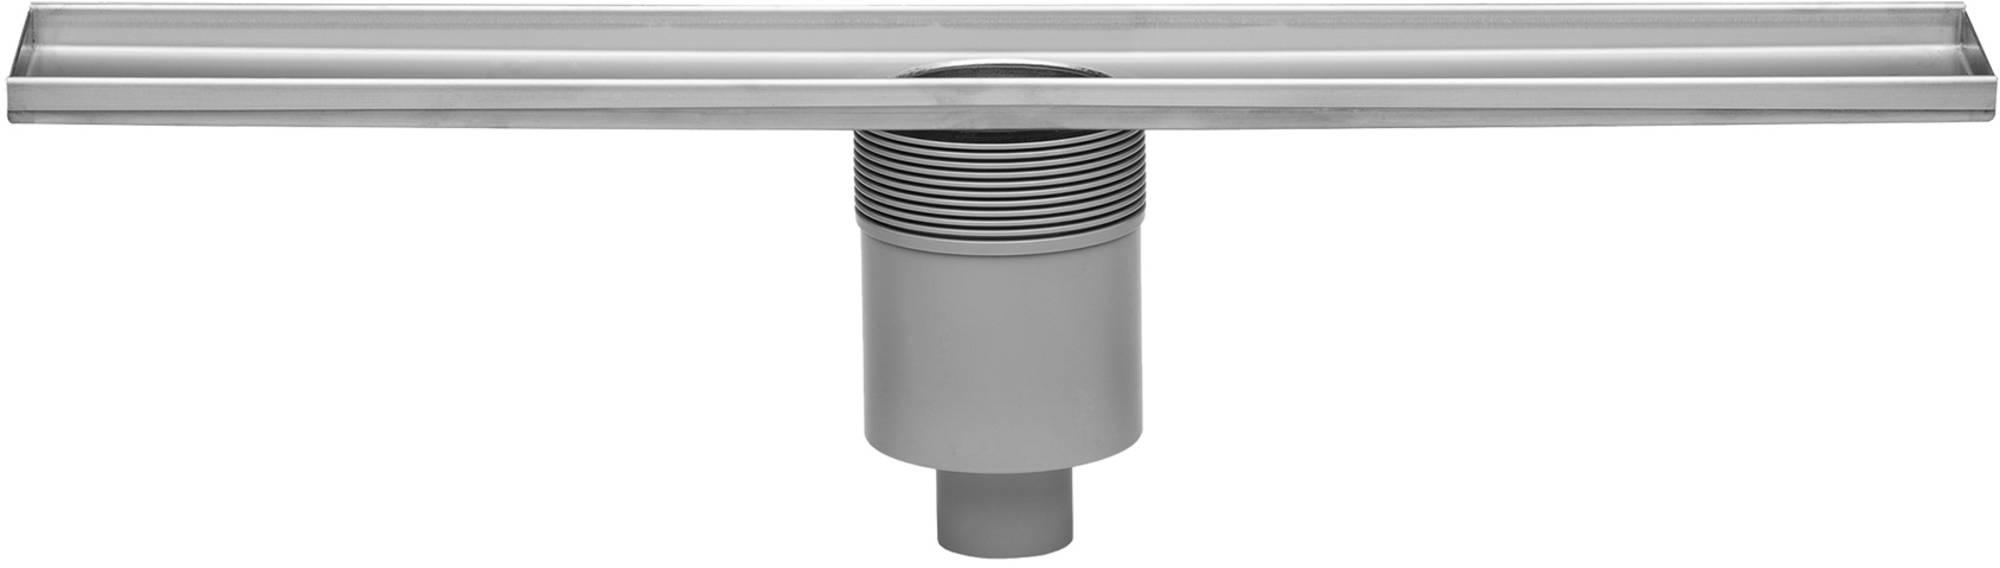 Easy Drain Multi douchegoot 80 cm. onderuitloop zonder rooster Rvs